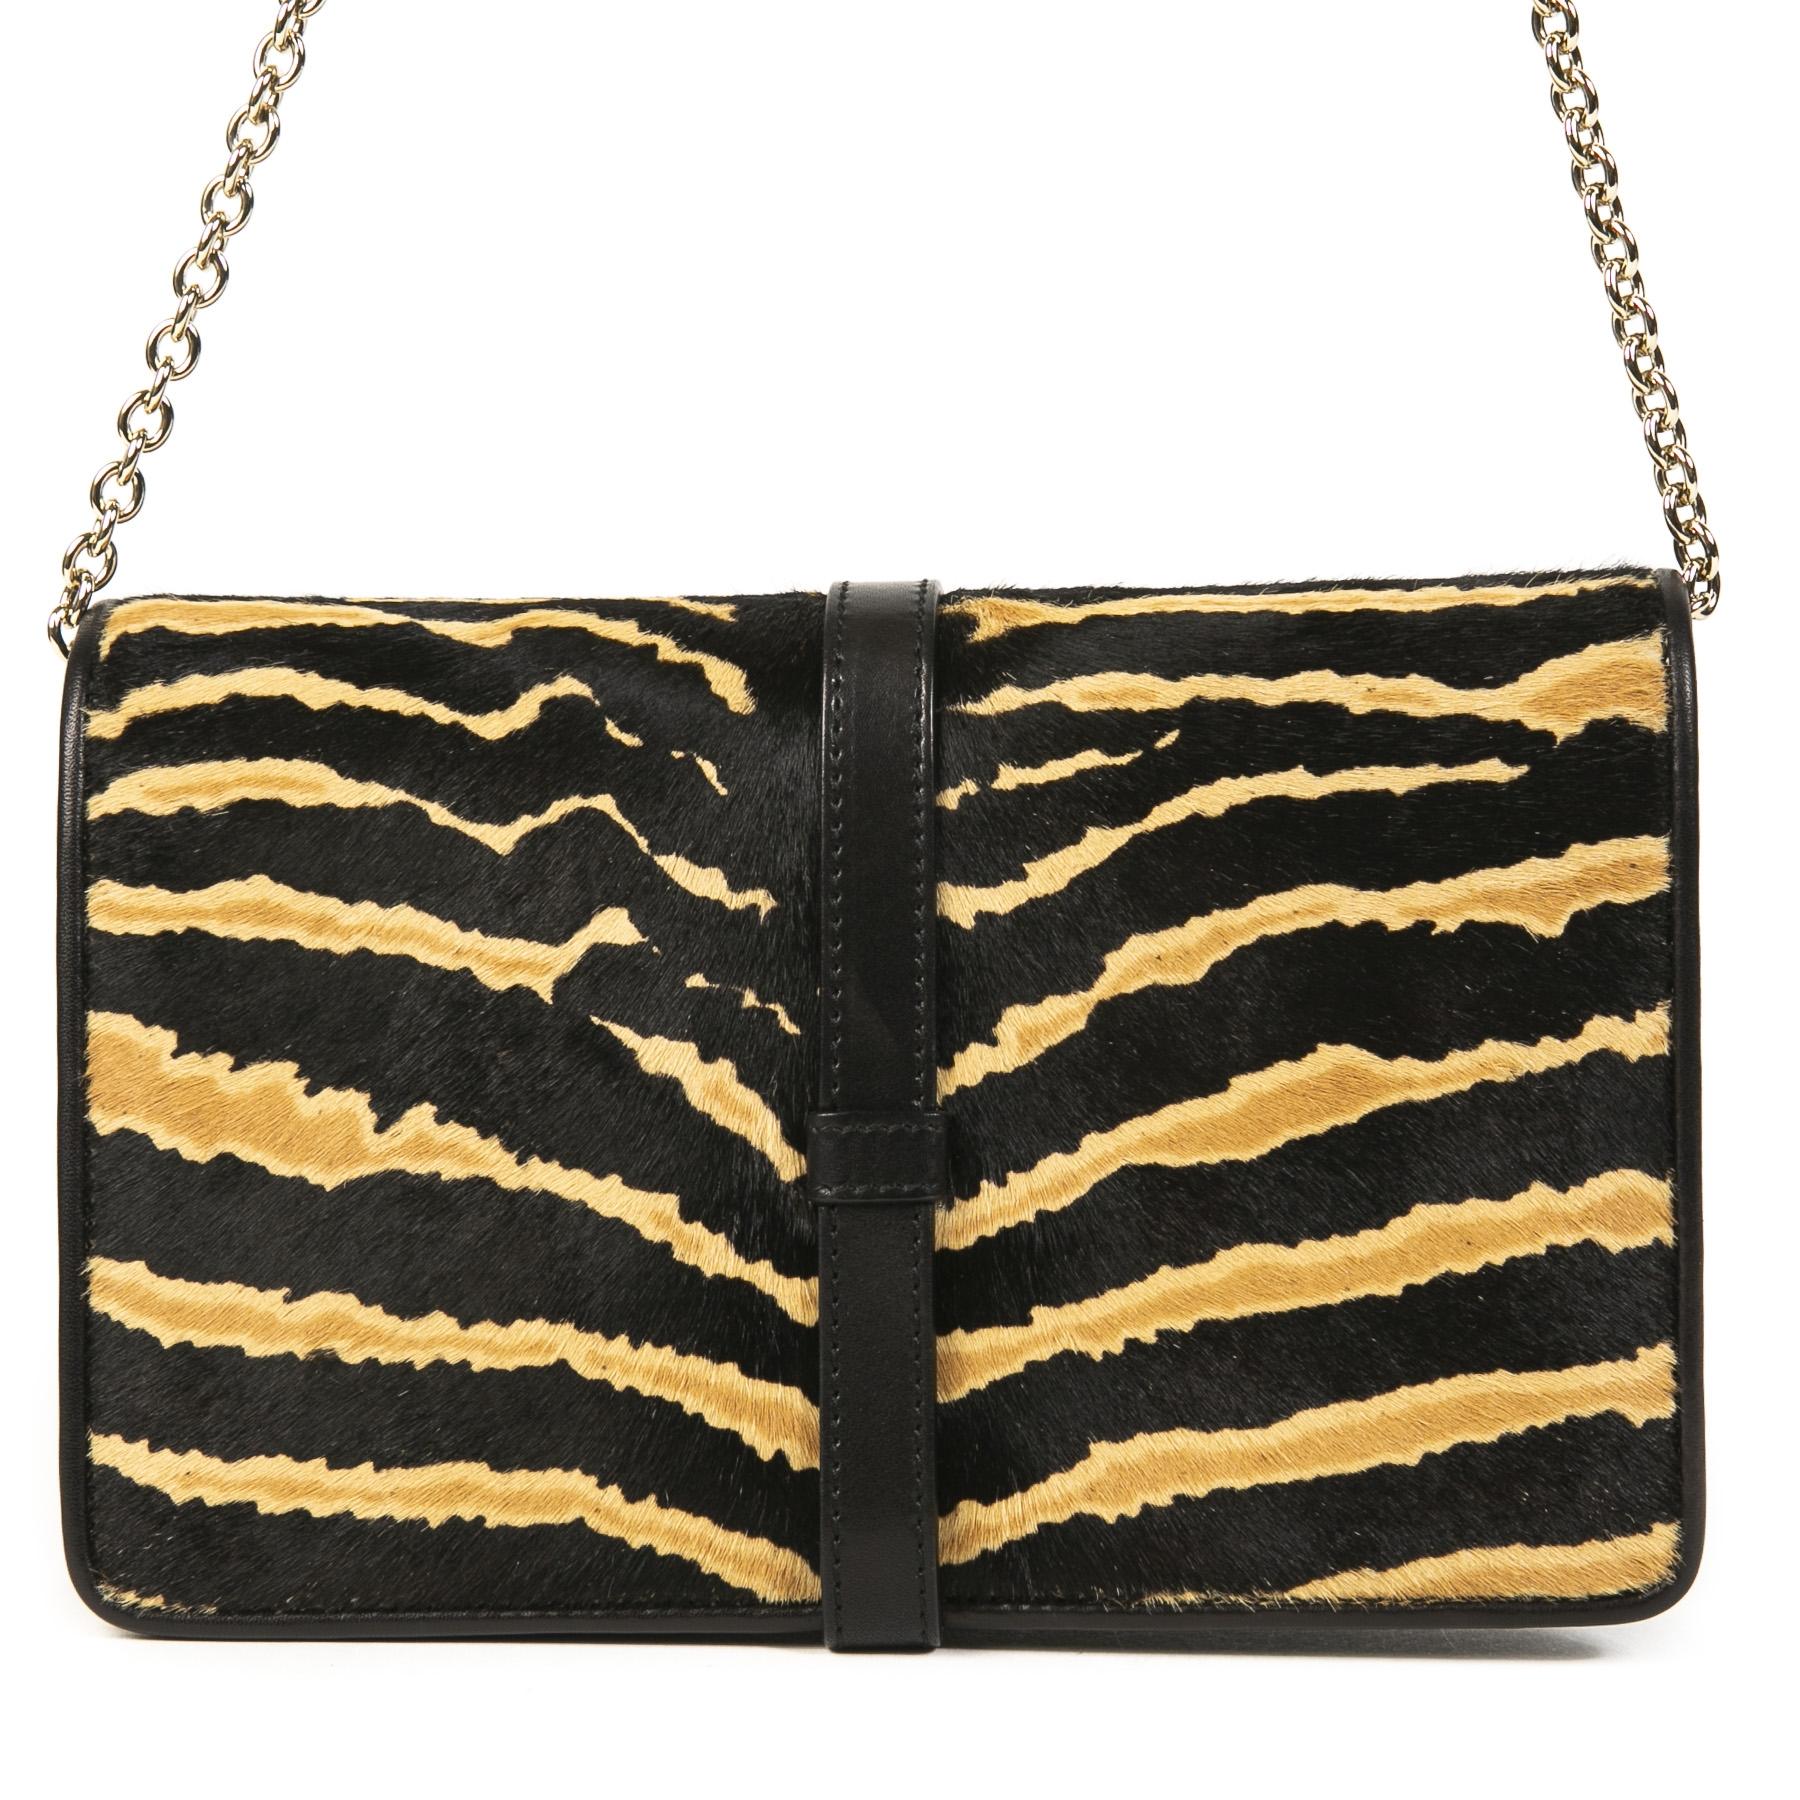 Authentieke Tweedehands Gucci Zebra Broadway Evening Bag juiste prijs veilig online shoppen luxe merken webshop winkelen Antwerpen België mode fashion